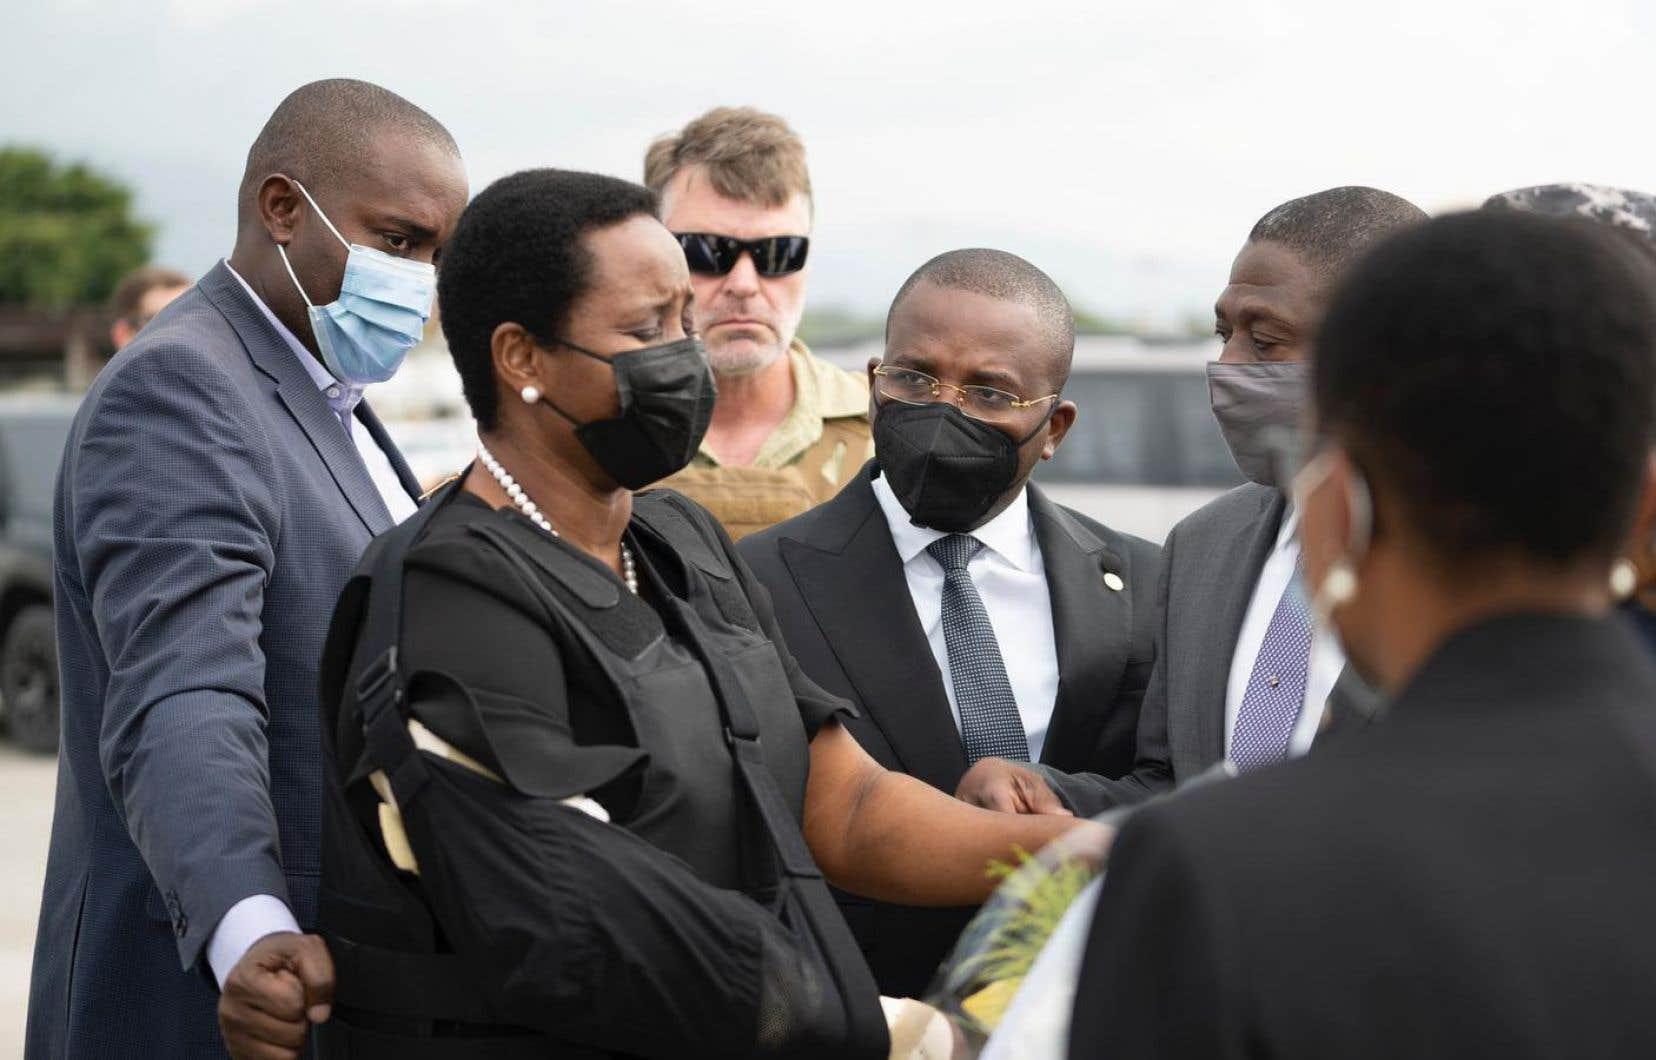 Le bras droit en écharpe, gilet par balles sur ses vêtements noirs, Martine Moïse, 47ans, a été placée sous la protection d'agents de sécurité.